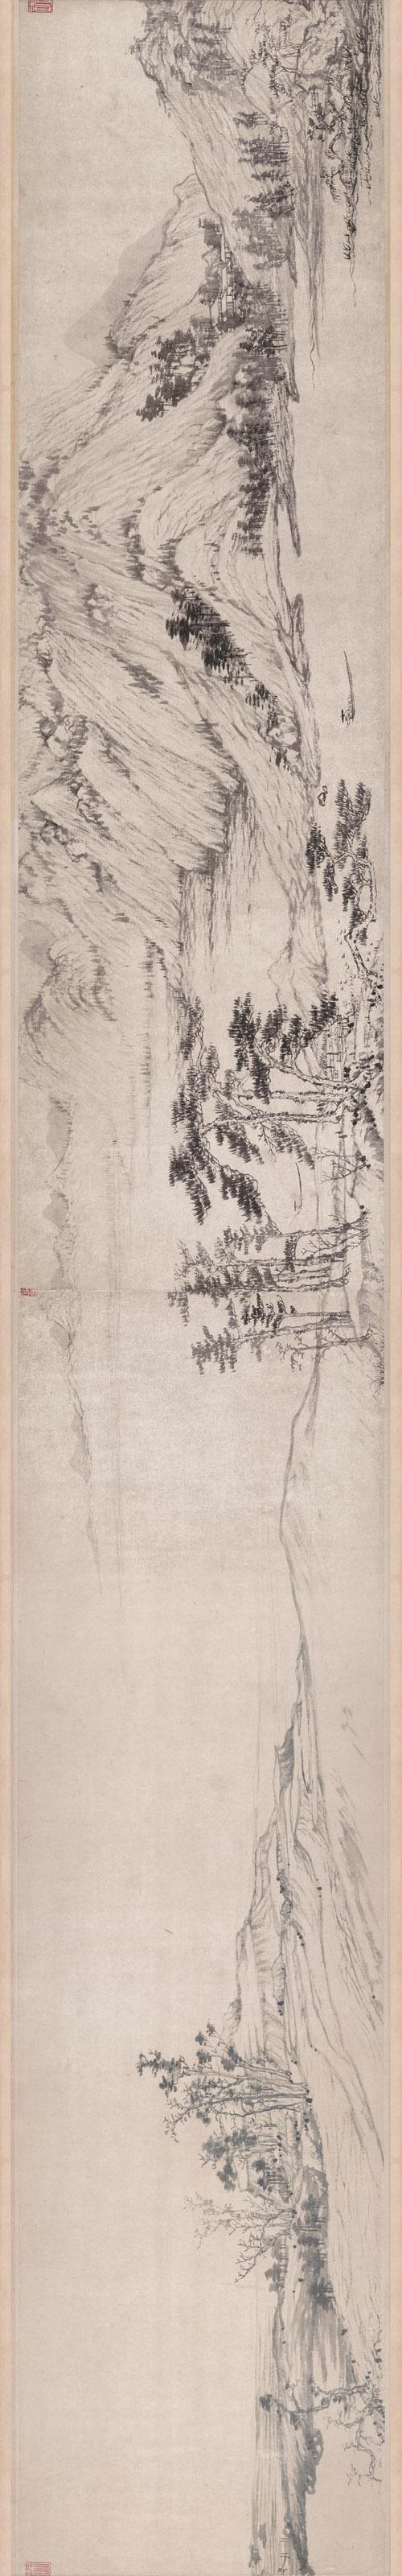 元 黄公望 富春山居图完美合璧卷(剩山,无用师)纸本 33×1036.9cm 局部4 旋转 缩图